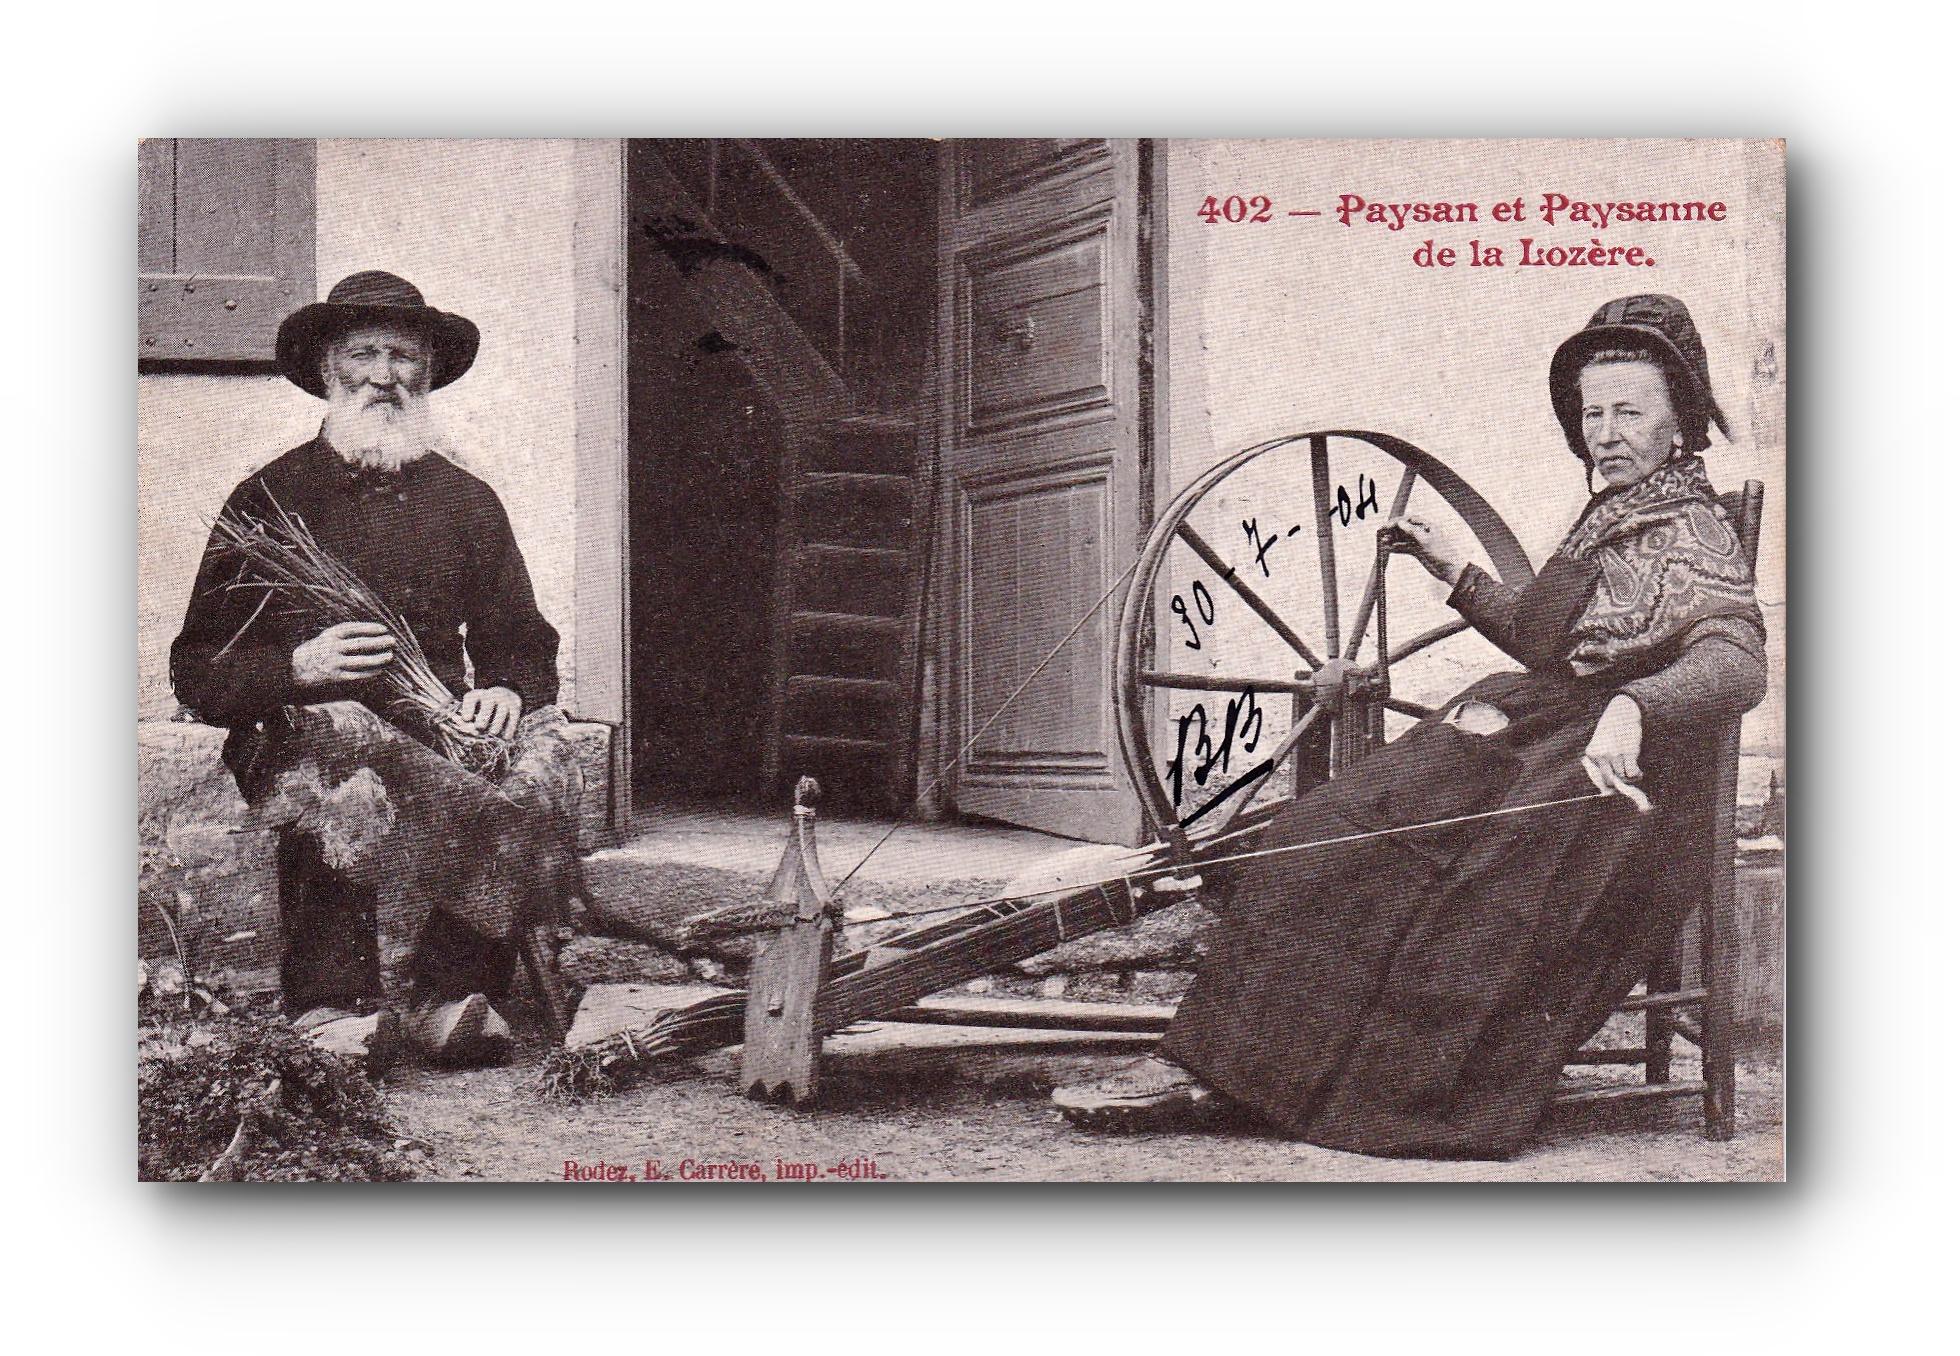 Paysan et Paysanne de la Lozière - 30.07.1904 - Bauer und Bäuerin aus der Lozière - Farmer and farmer's wife from the Lozière